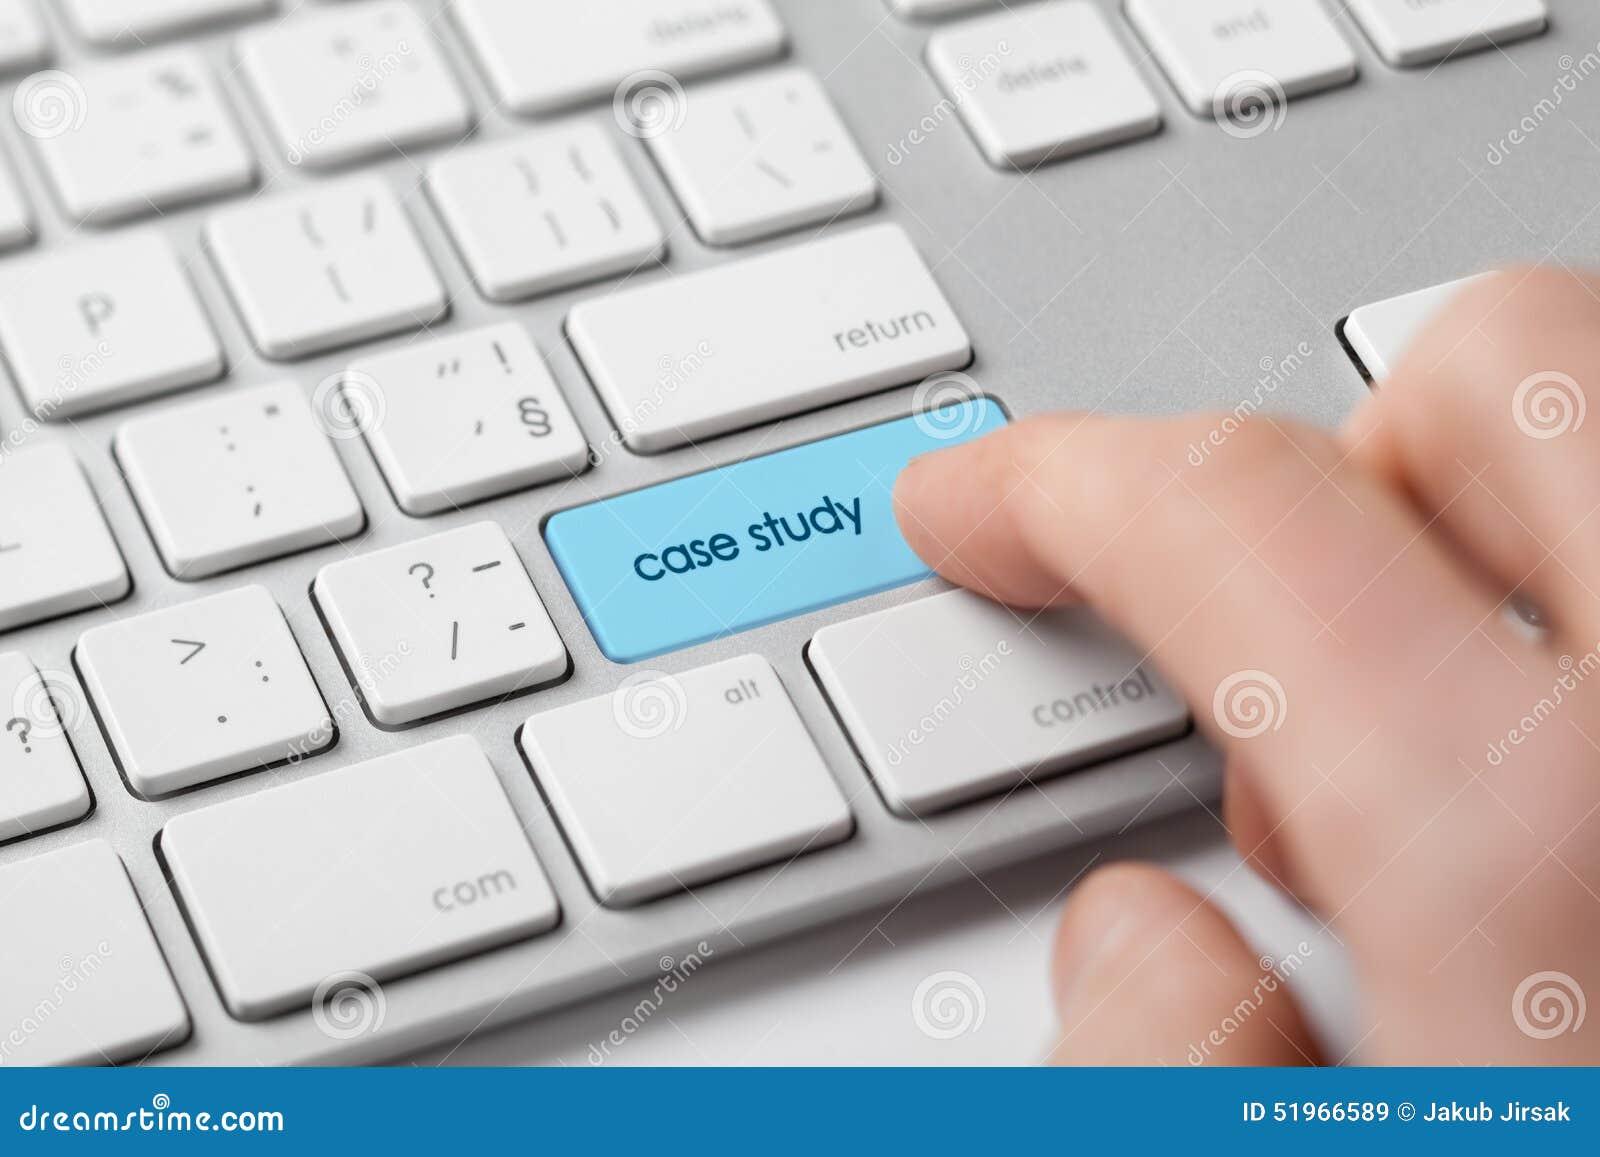 Case study online